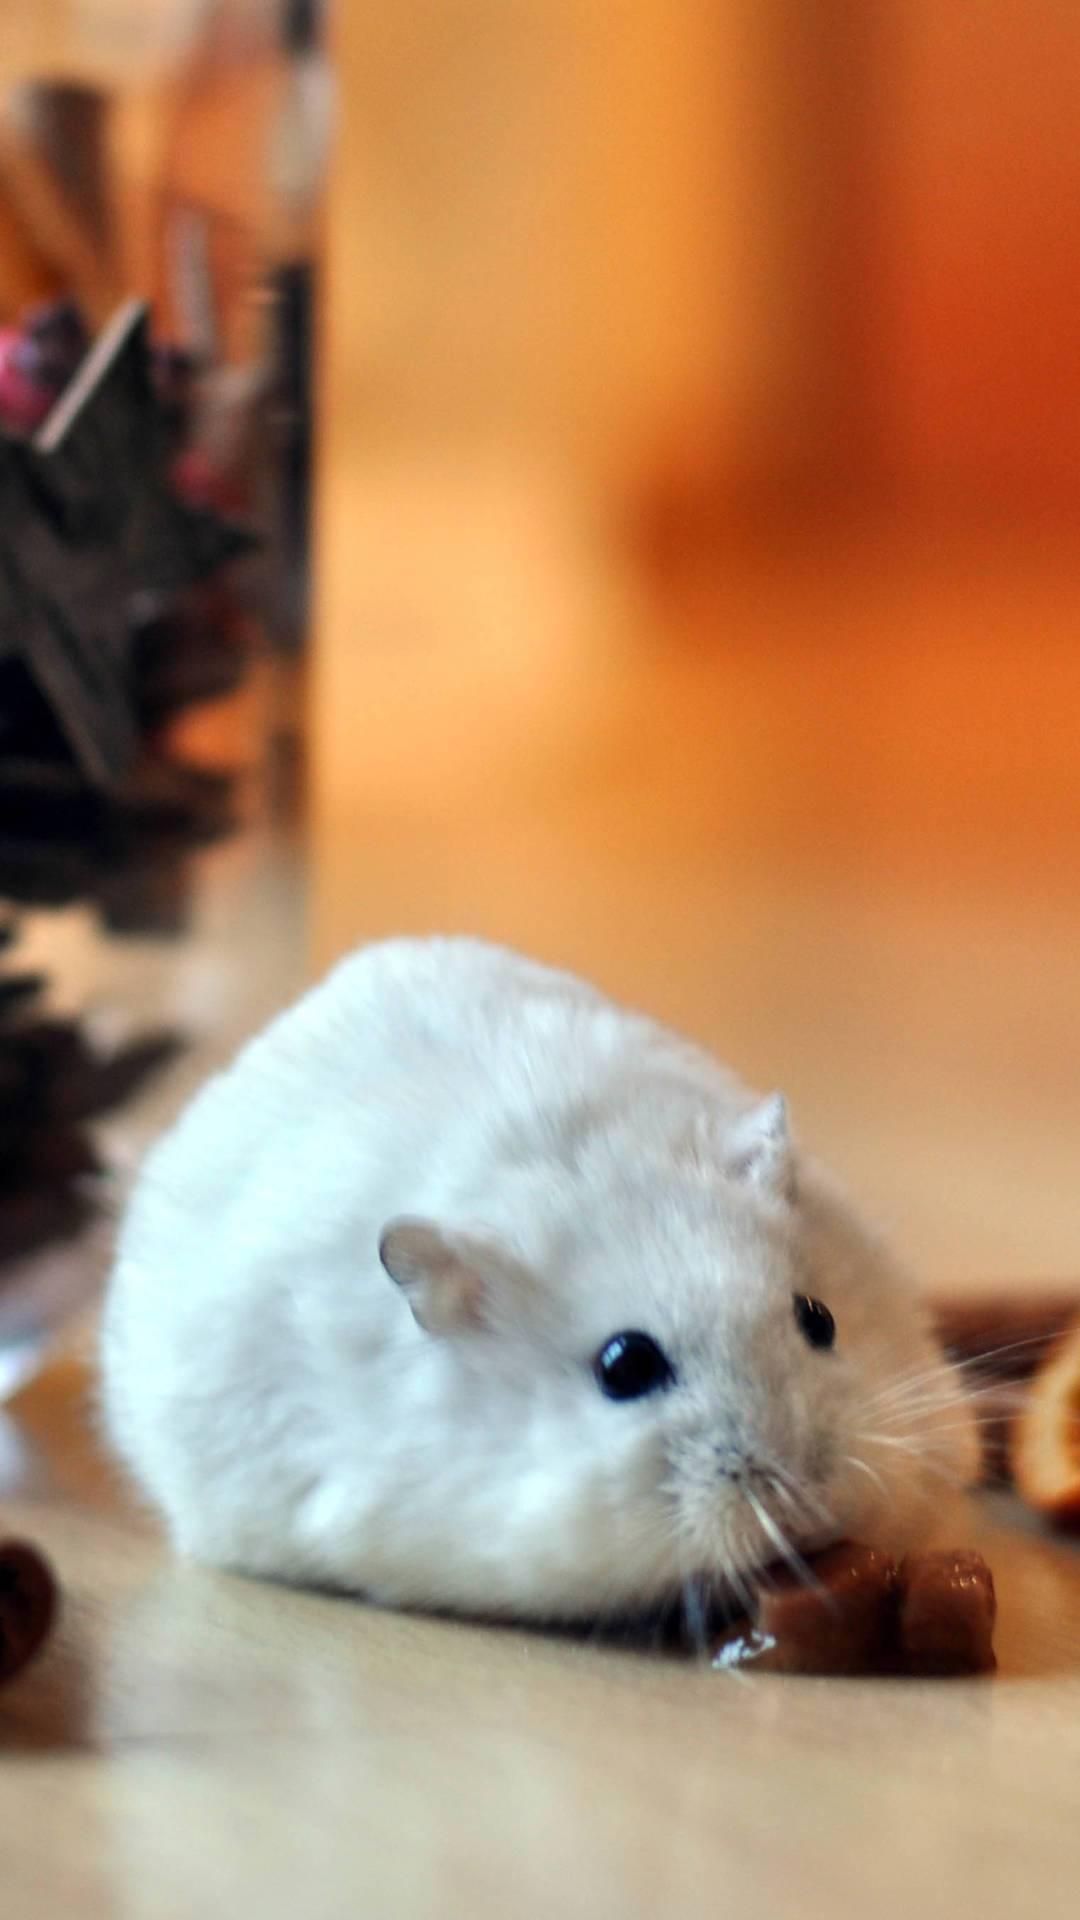 超萌可爱仓鼠 | 手机壁纸